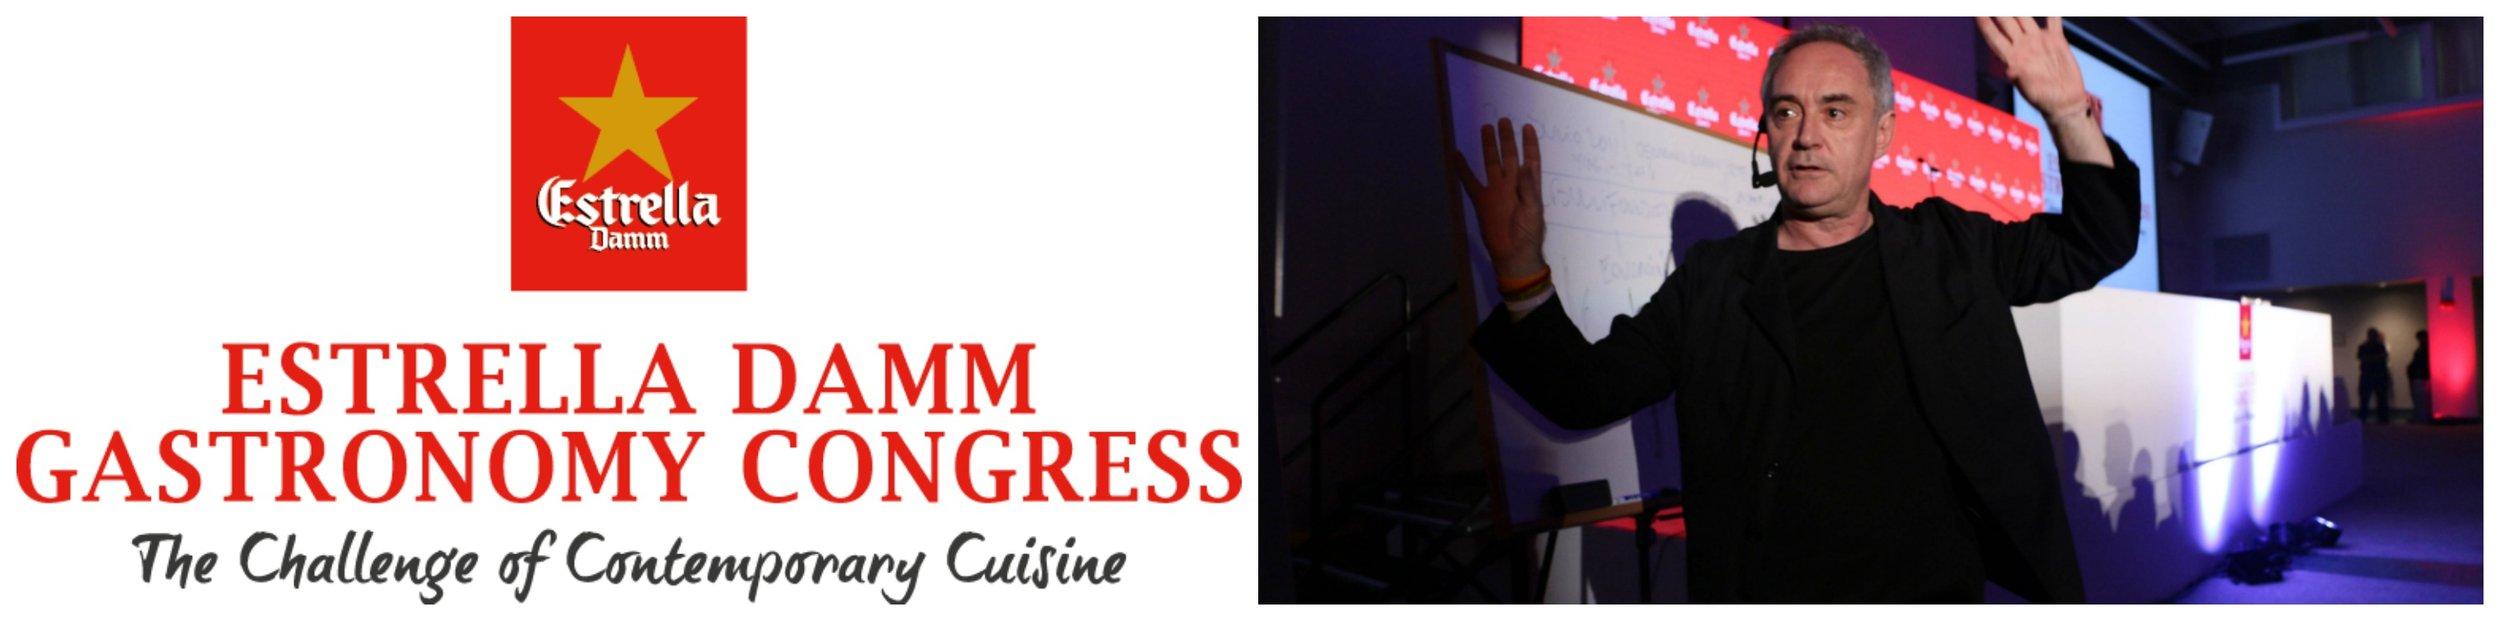 Estrella Damm Gastronomy Conference Miami